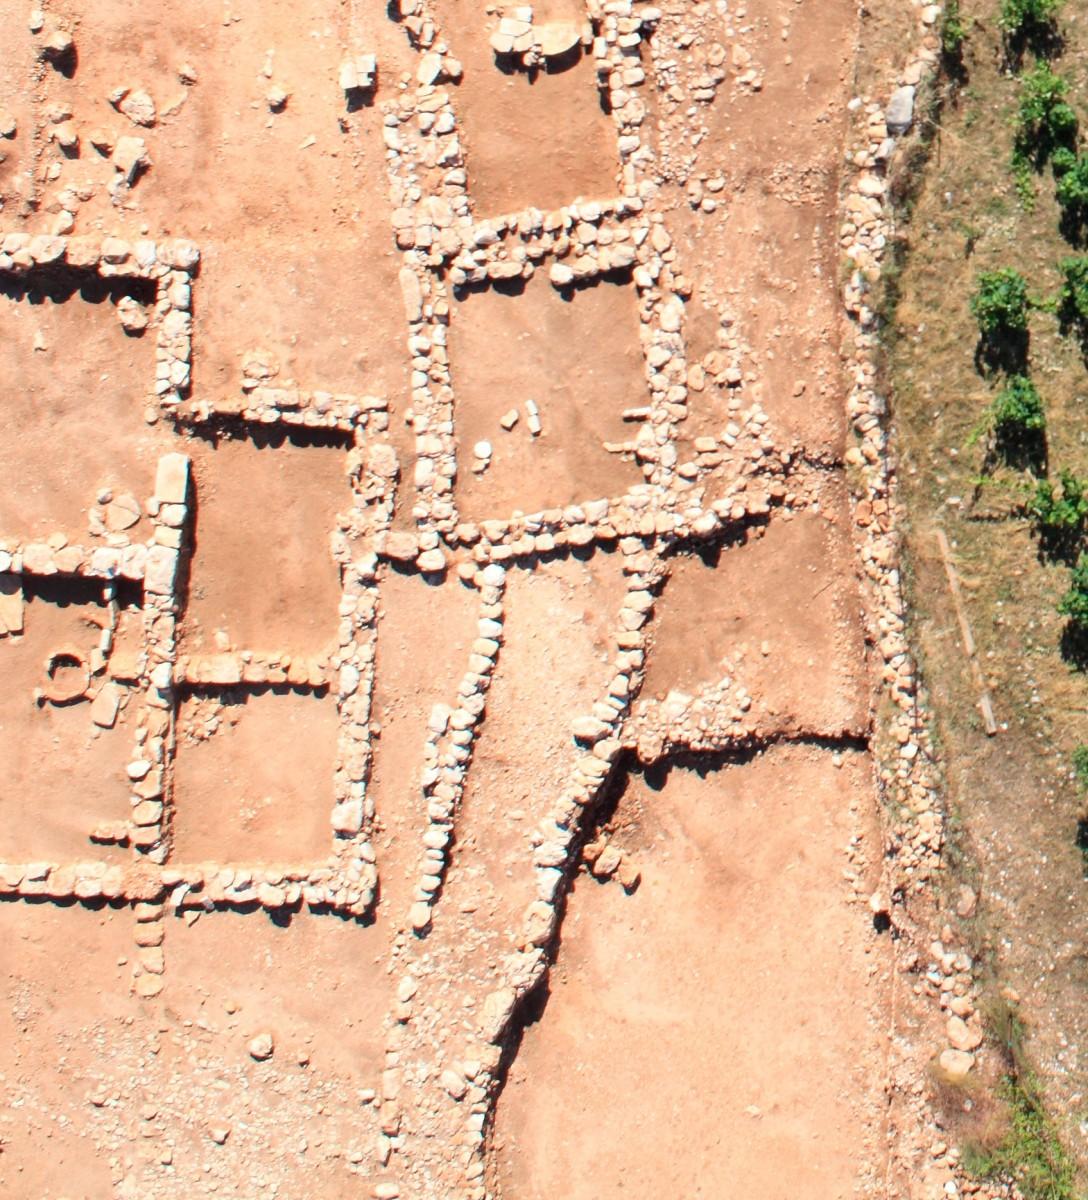 Εικ. 2. Αγροικία με πύργο στη θέση «Ταμπούρι».